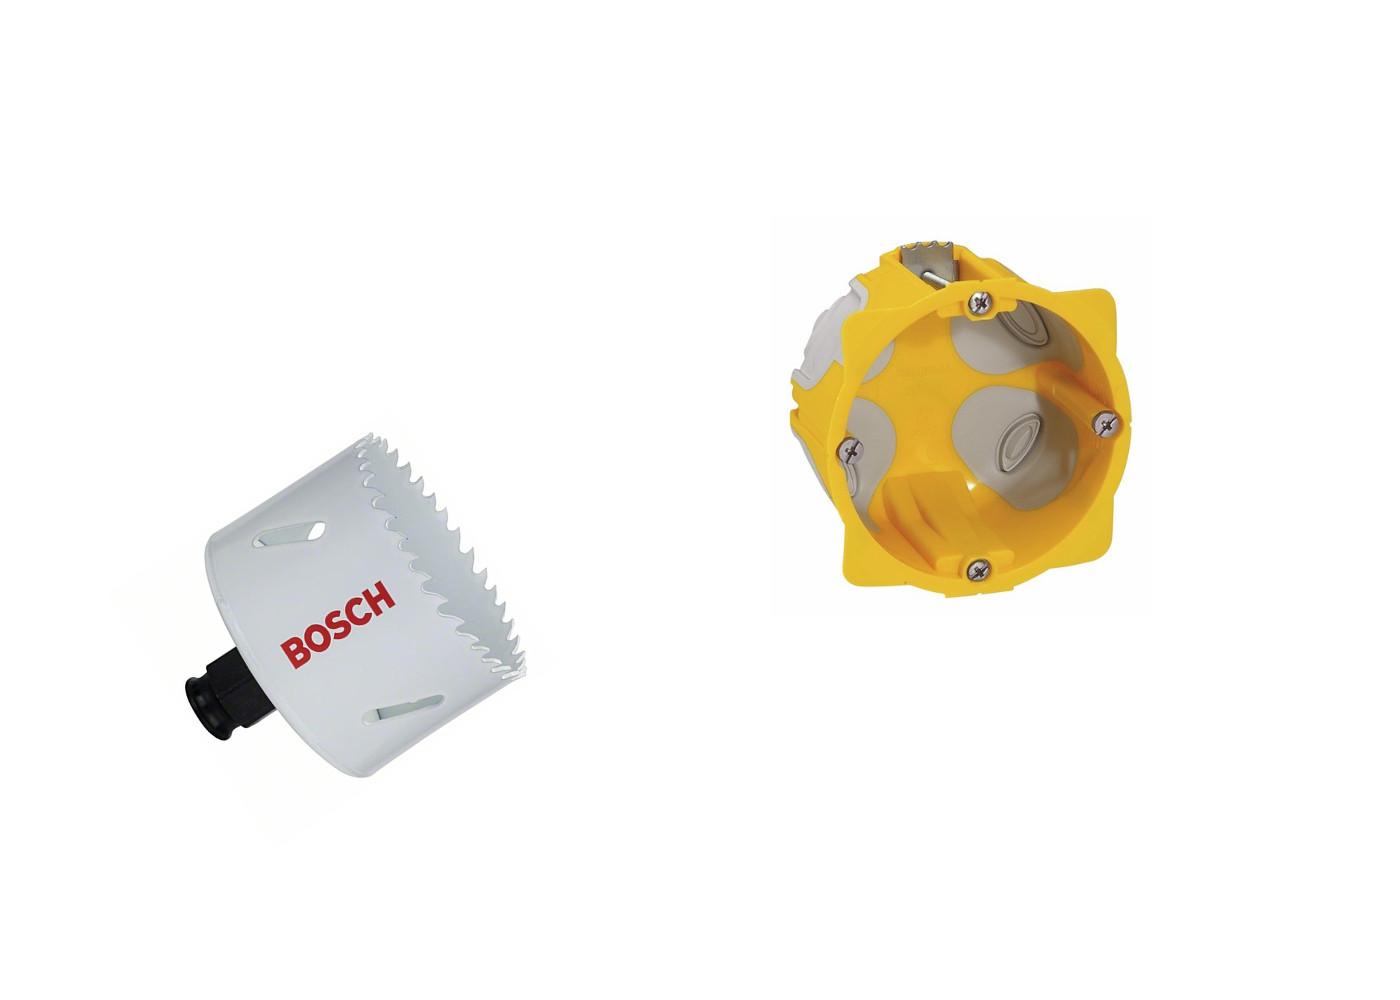 Diametre Scie Cloche Prise De Courant diamètre de perçage pour une prise électrique: 67 ou 68mm? -